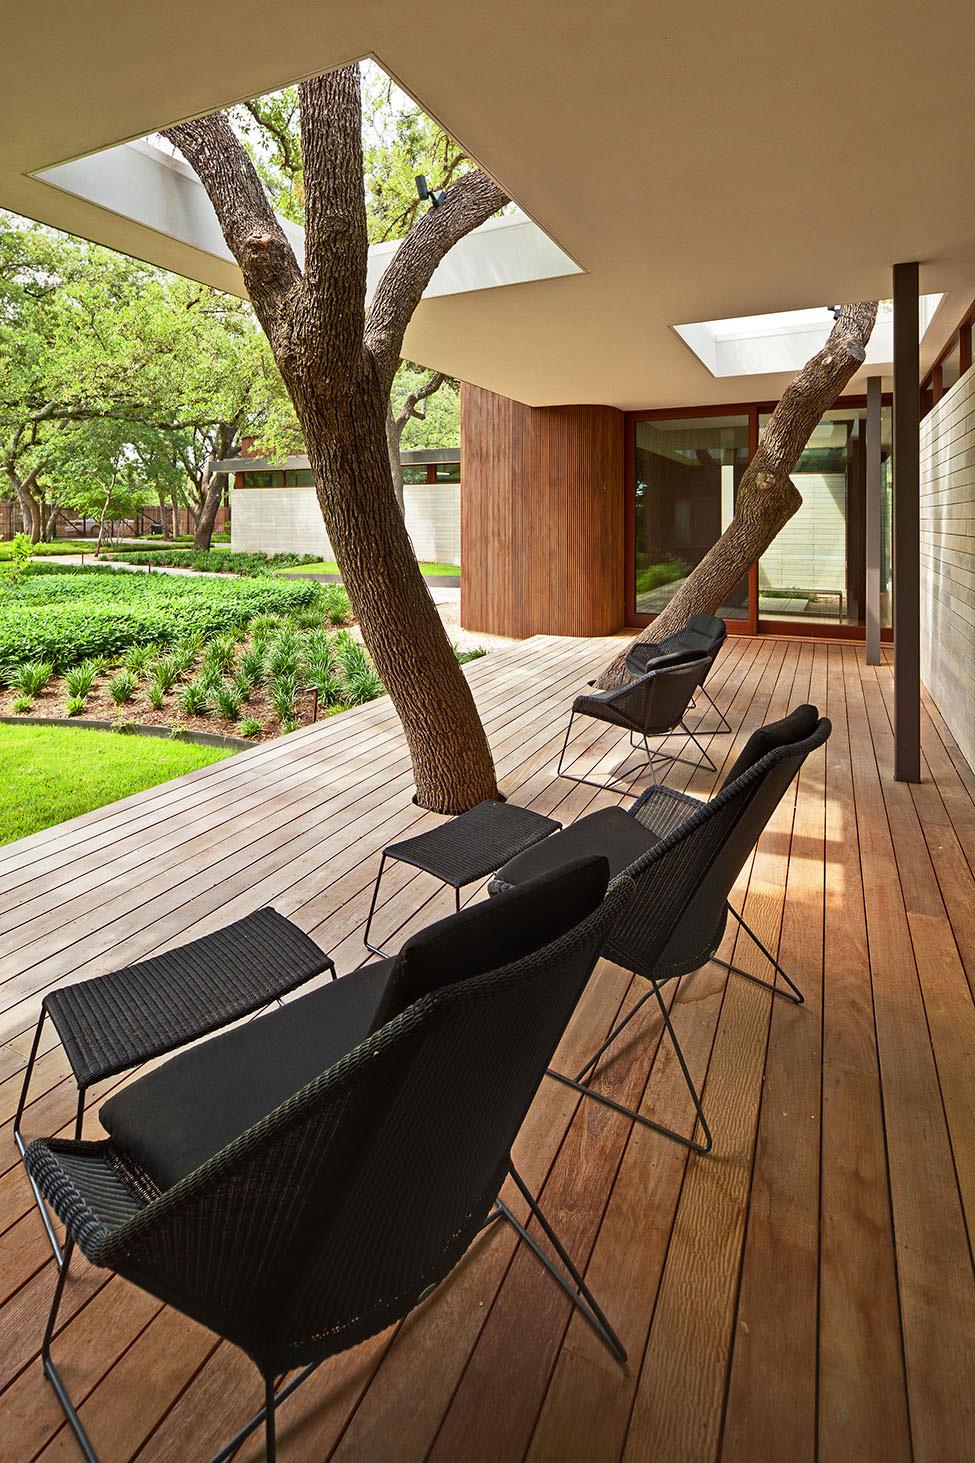 Elegant och bekvämt hem med en blandning av moderna och rustika stilar 4 Elegant och bekvämt hem med en blandning av moderna och rustika stilar